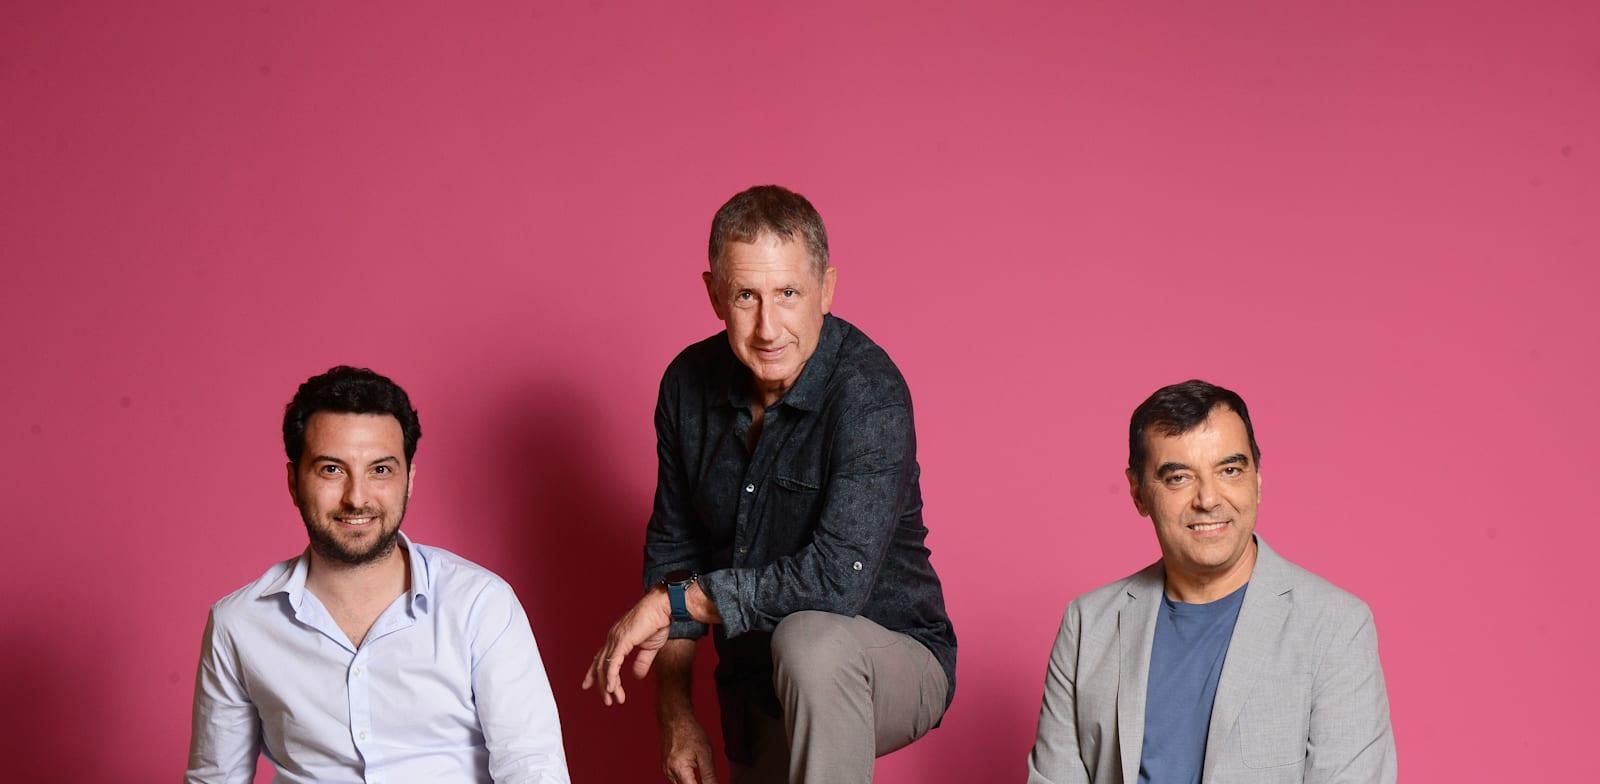 מימין: אמנון שעשוע, יואב שוהם, אורי גושן / צילום: איל יצהר